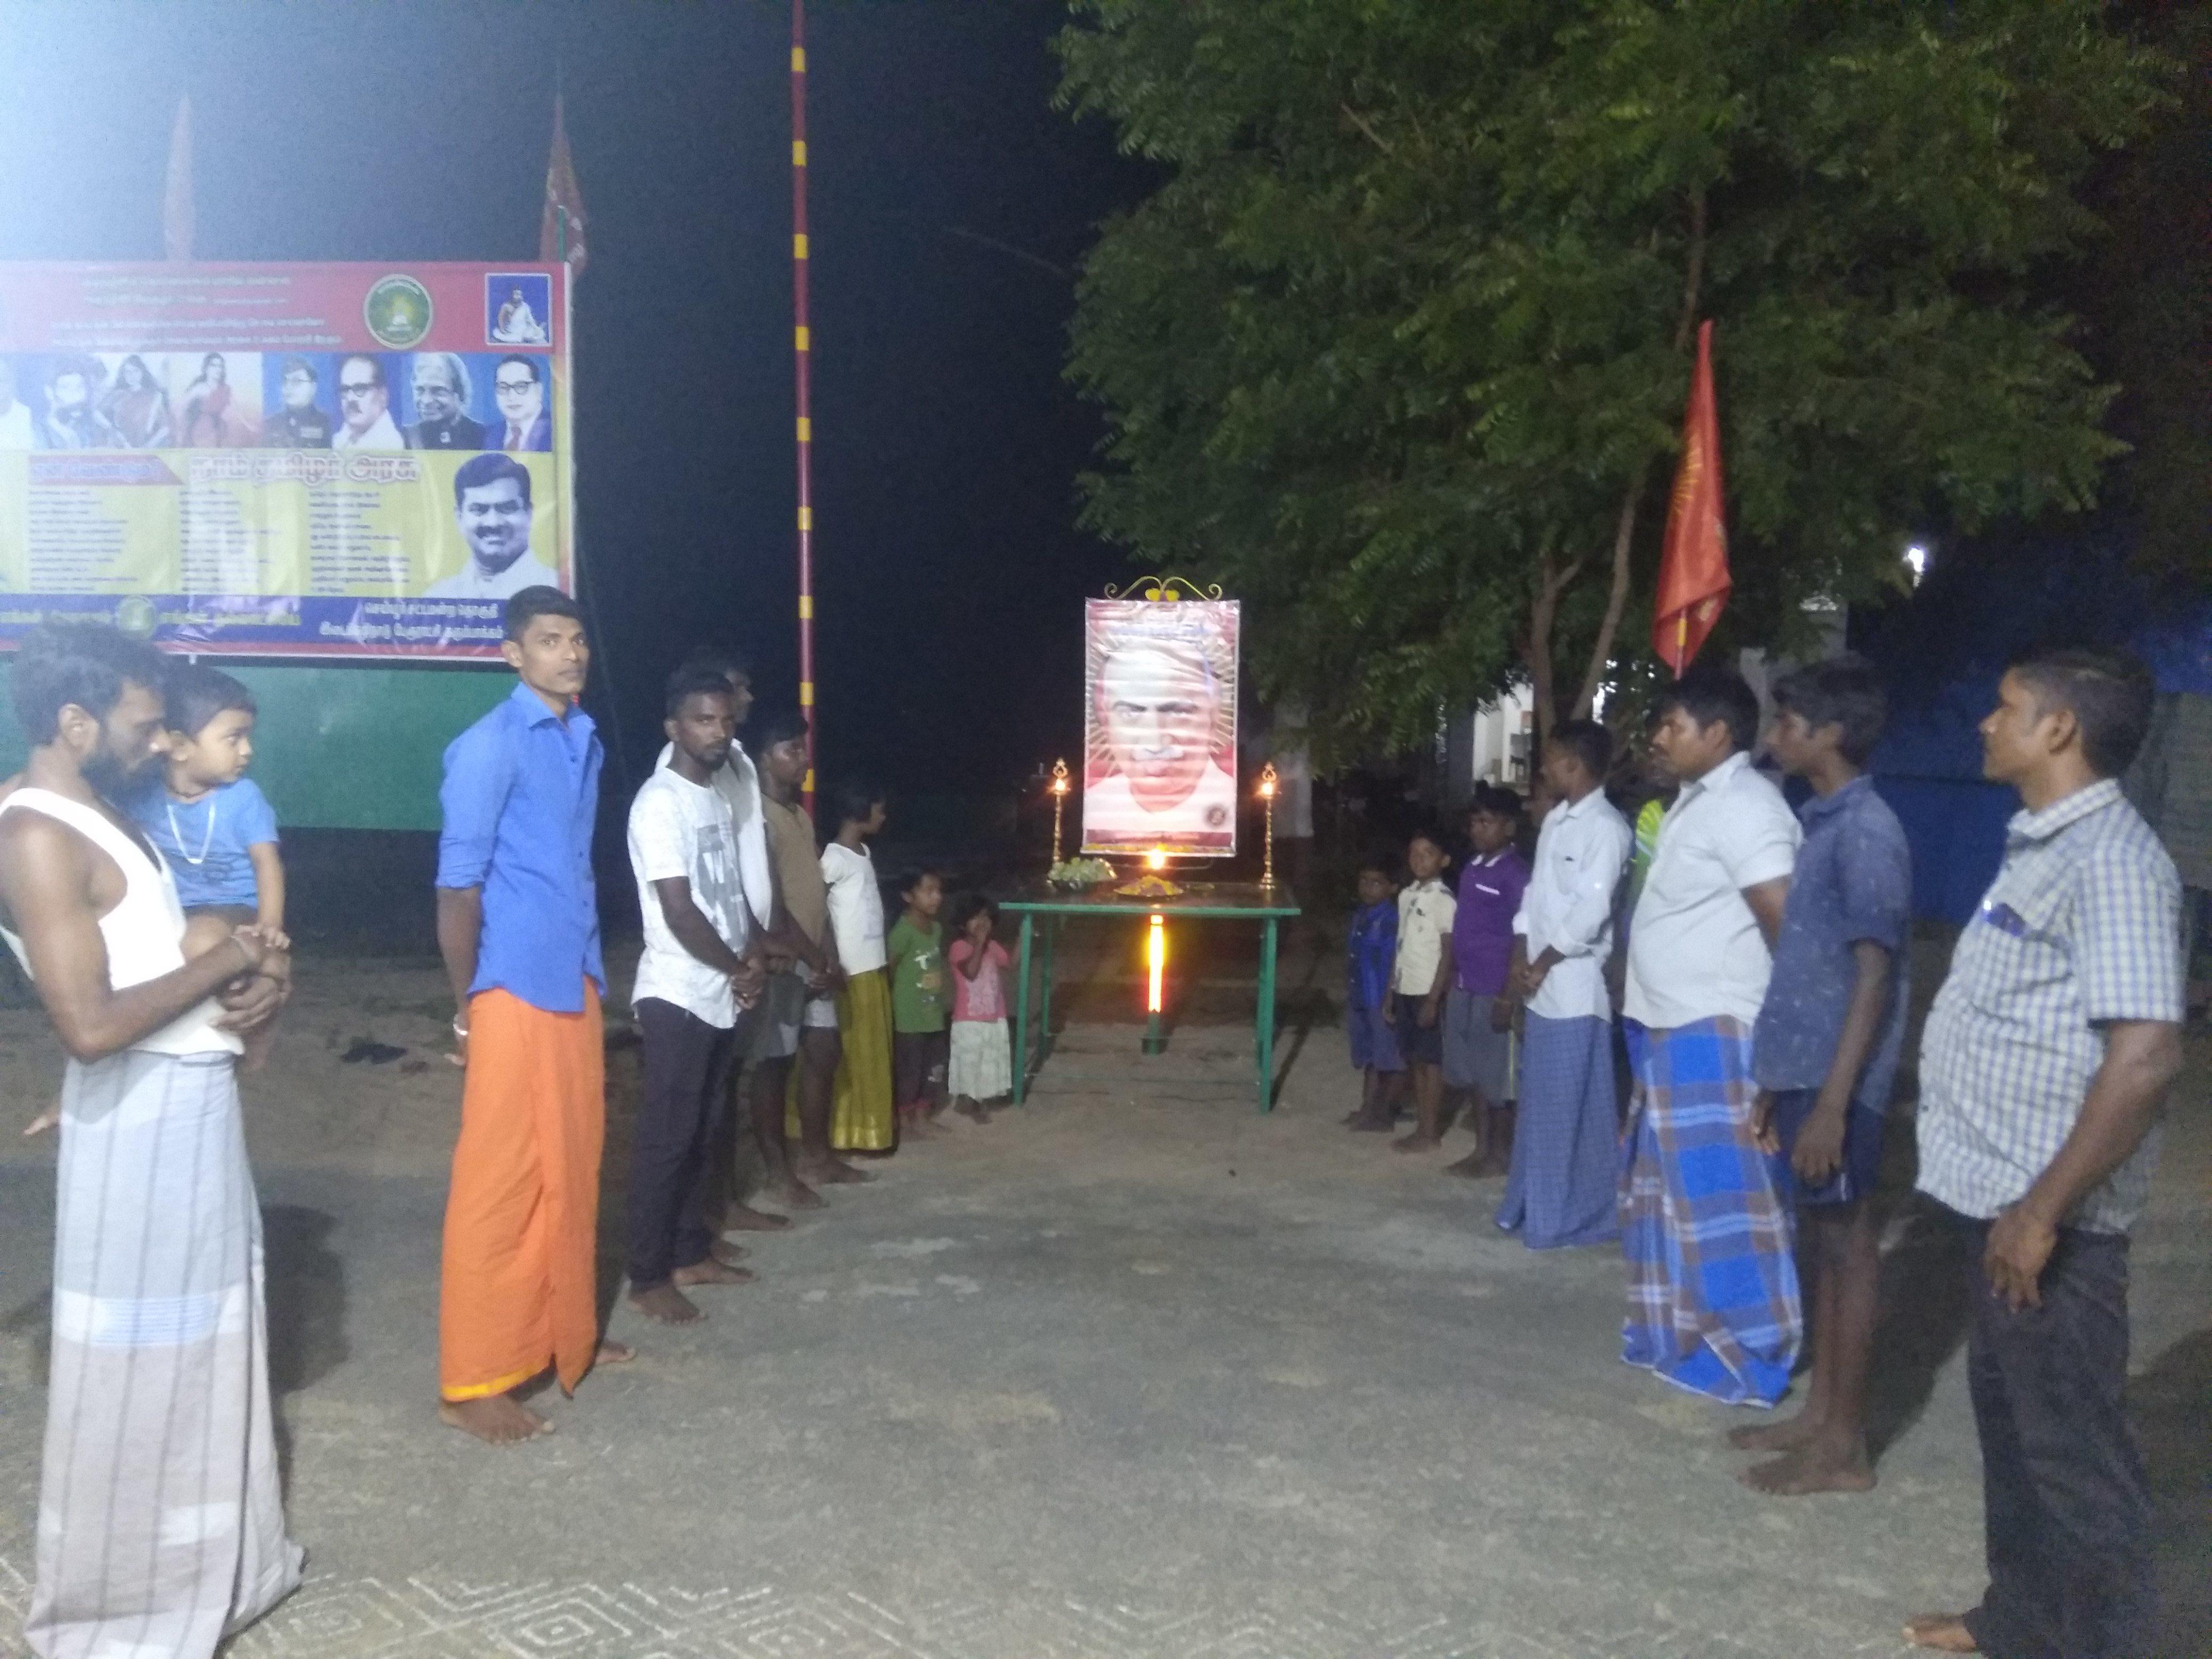 பெருந்தலைவர் ஐயா #காமராசர் மலர்வணக்க நிகழ்வு -செய்யூர் தொகுதி